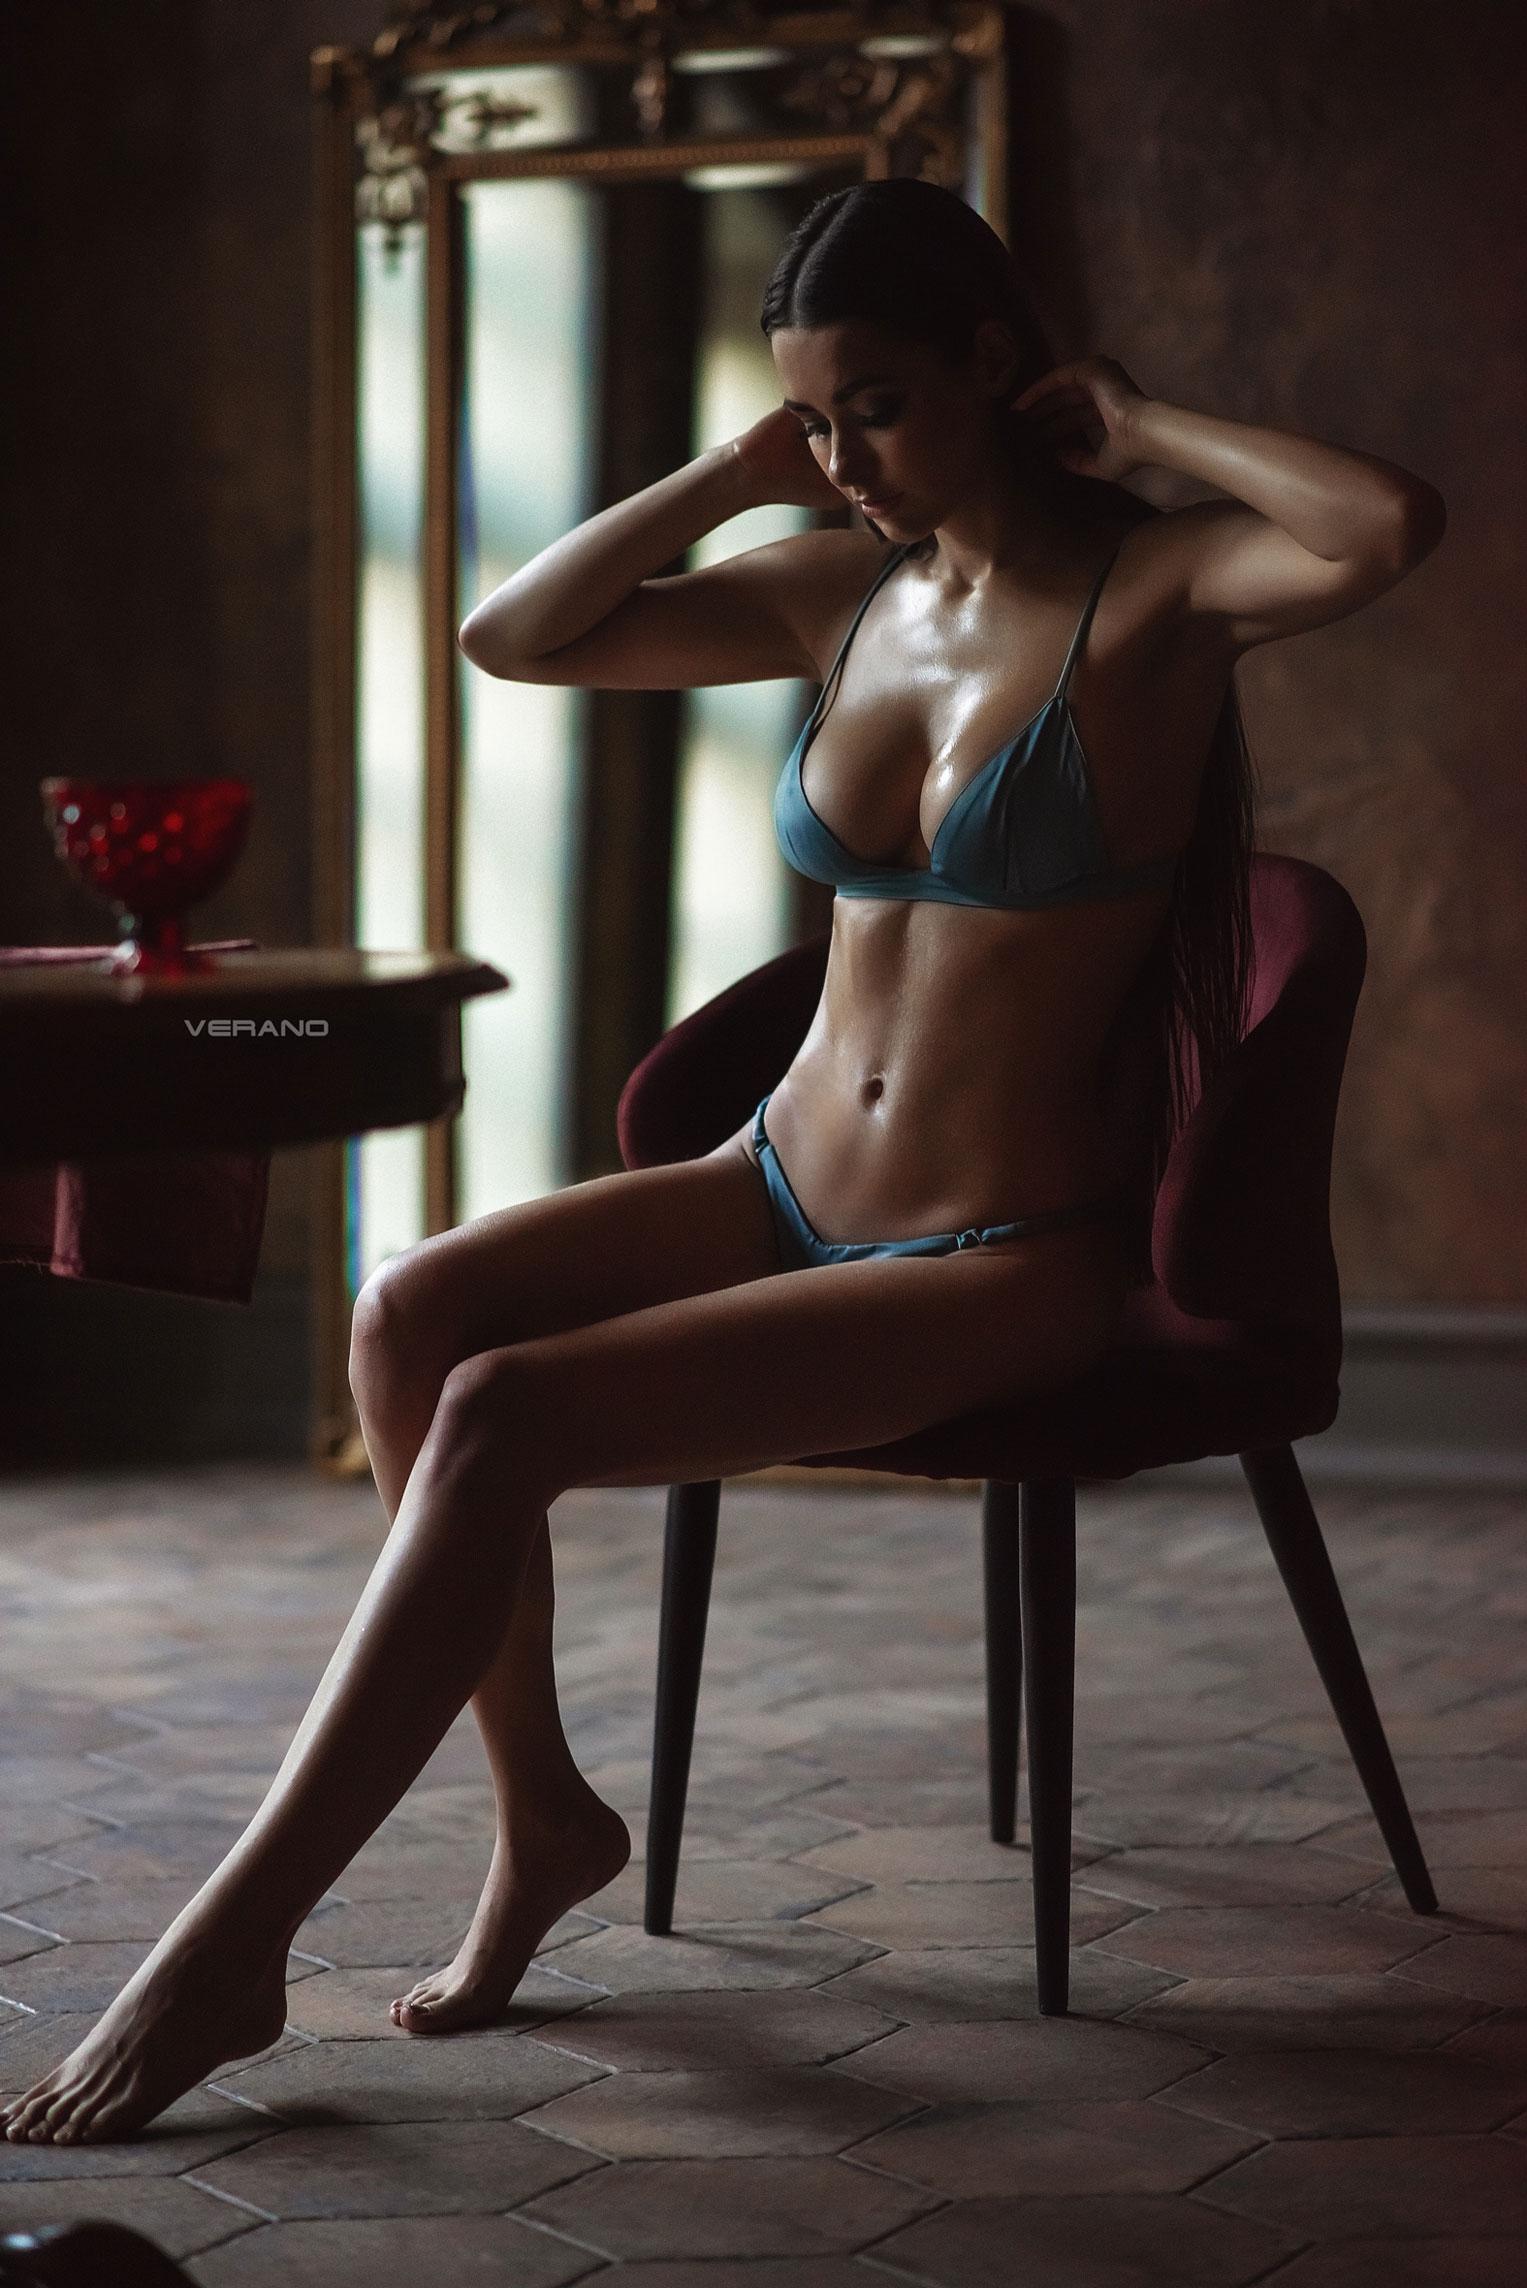 Helga Lovekaty by Nikolas Verano